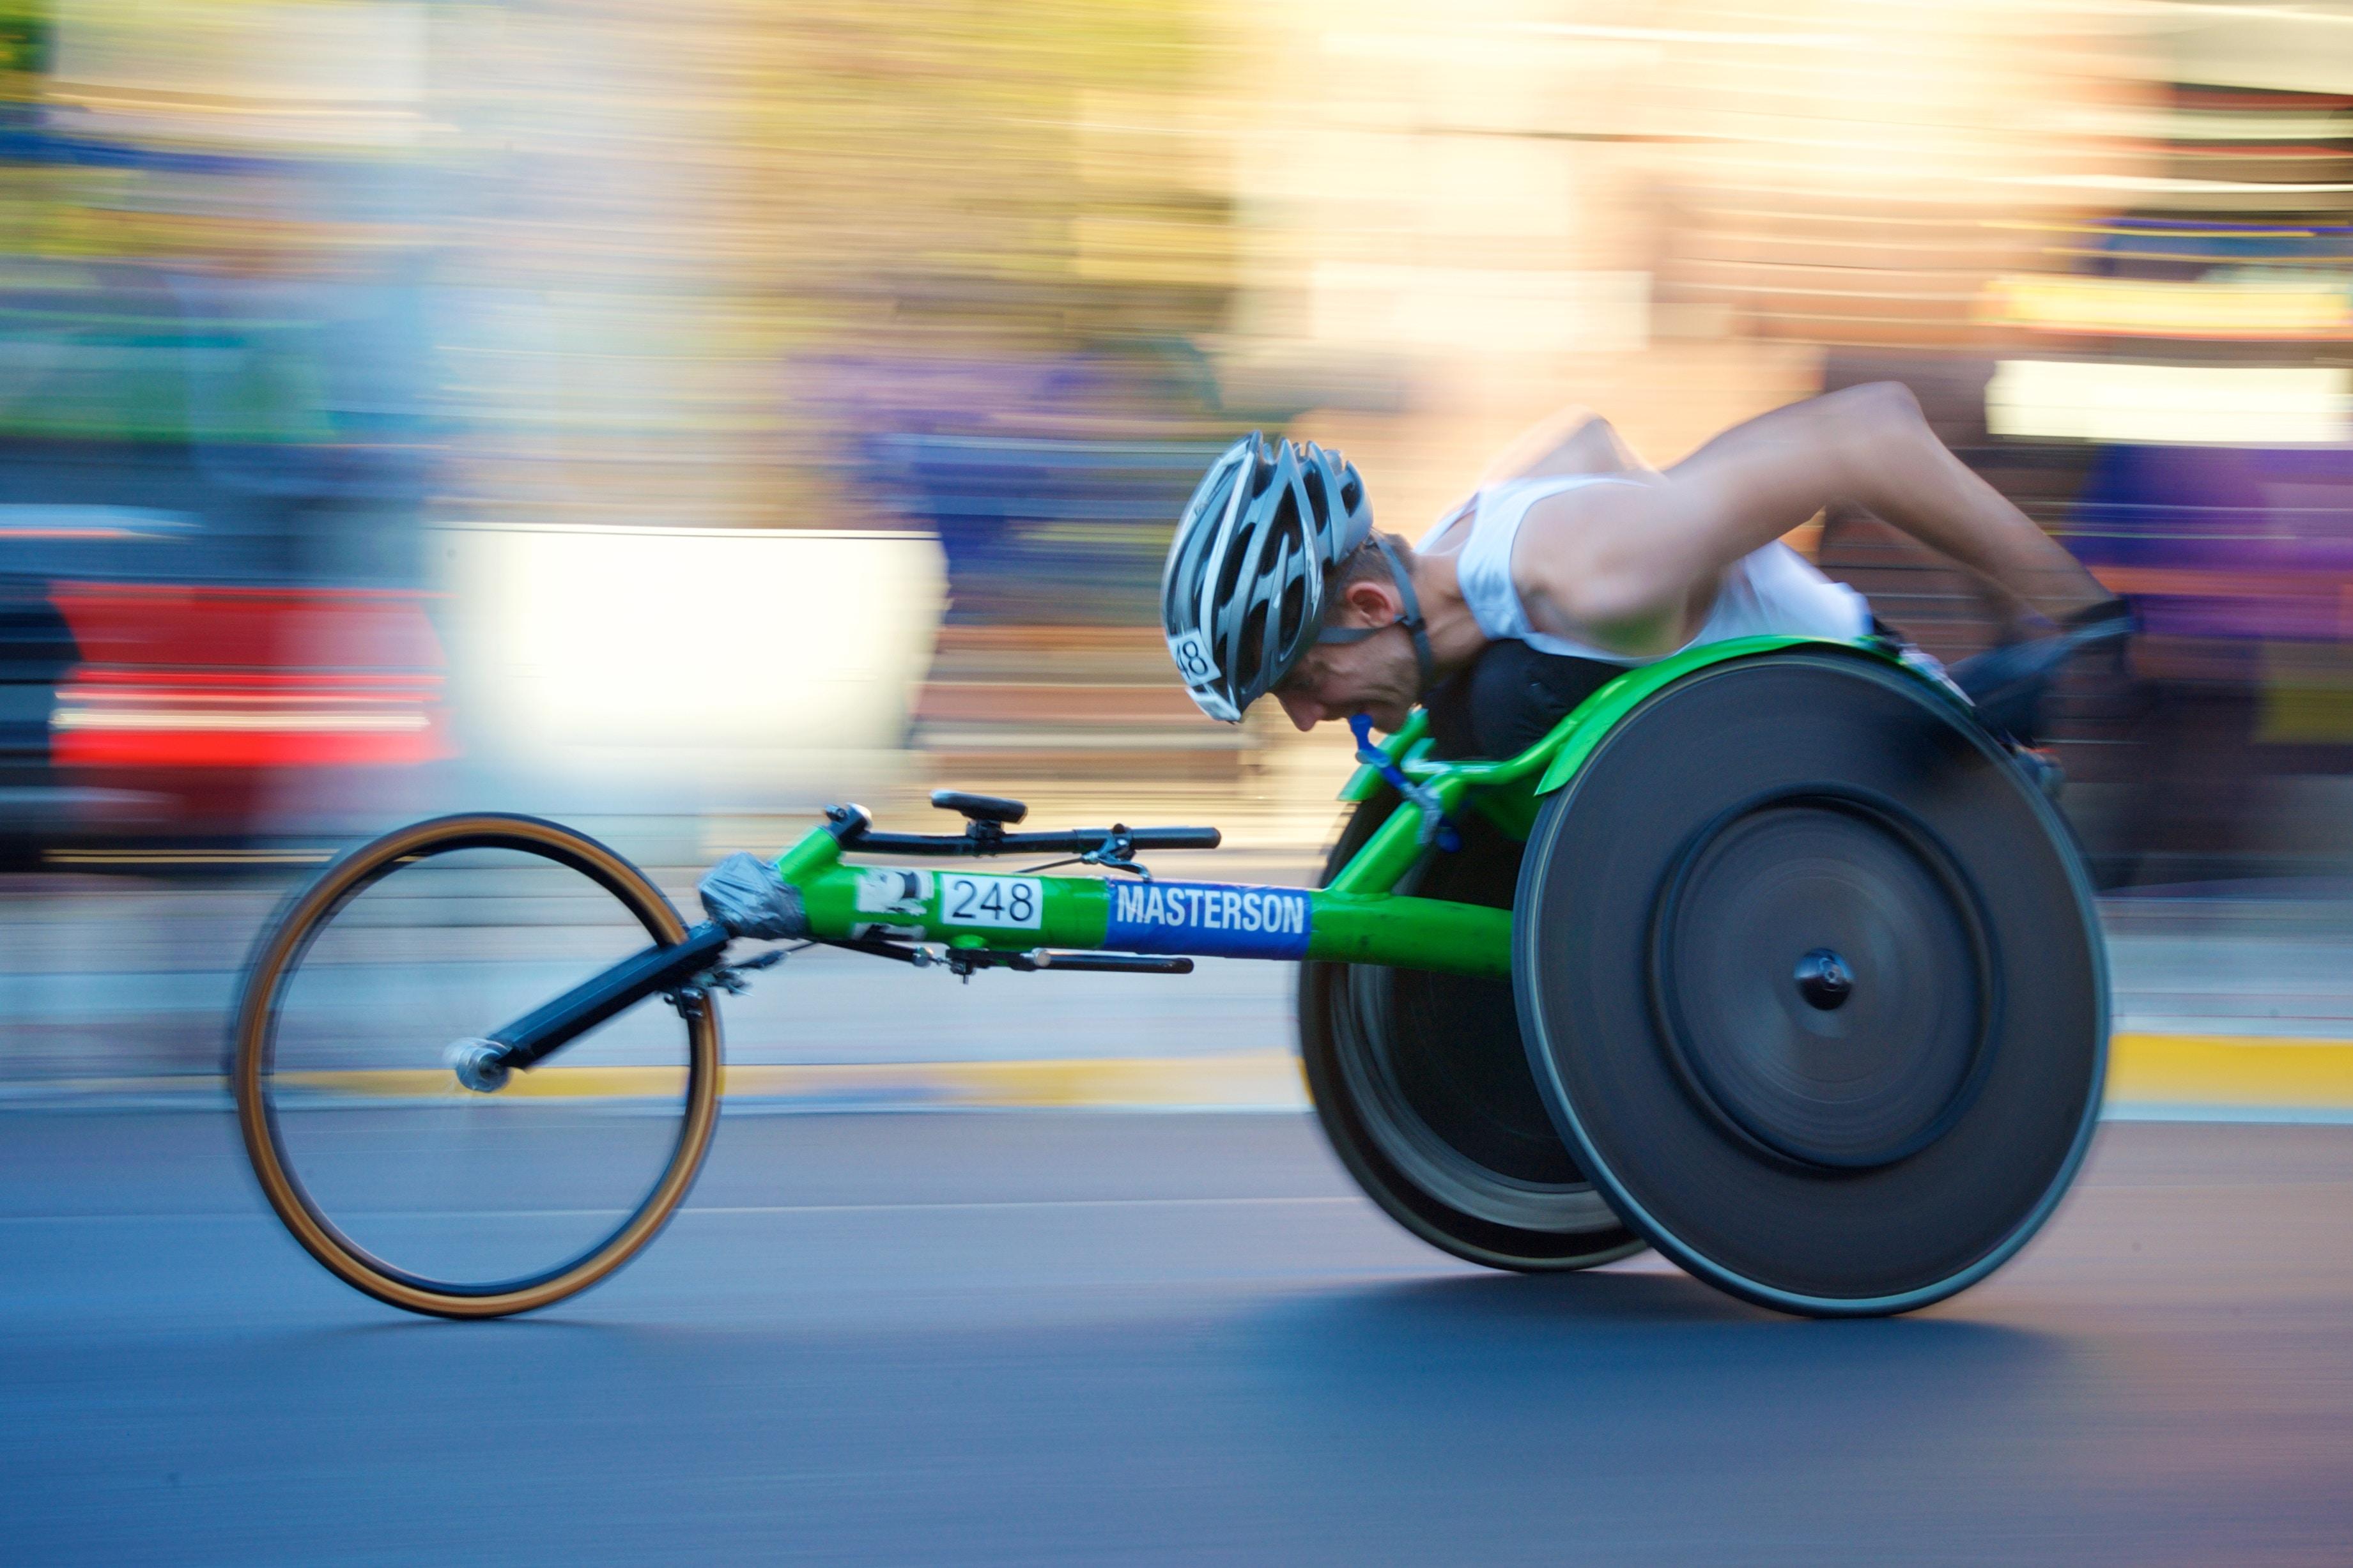 social media content planner paralympics